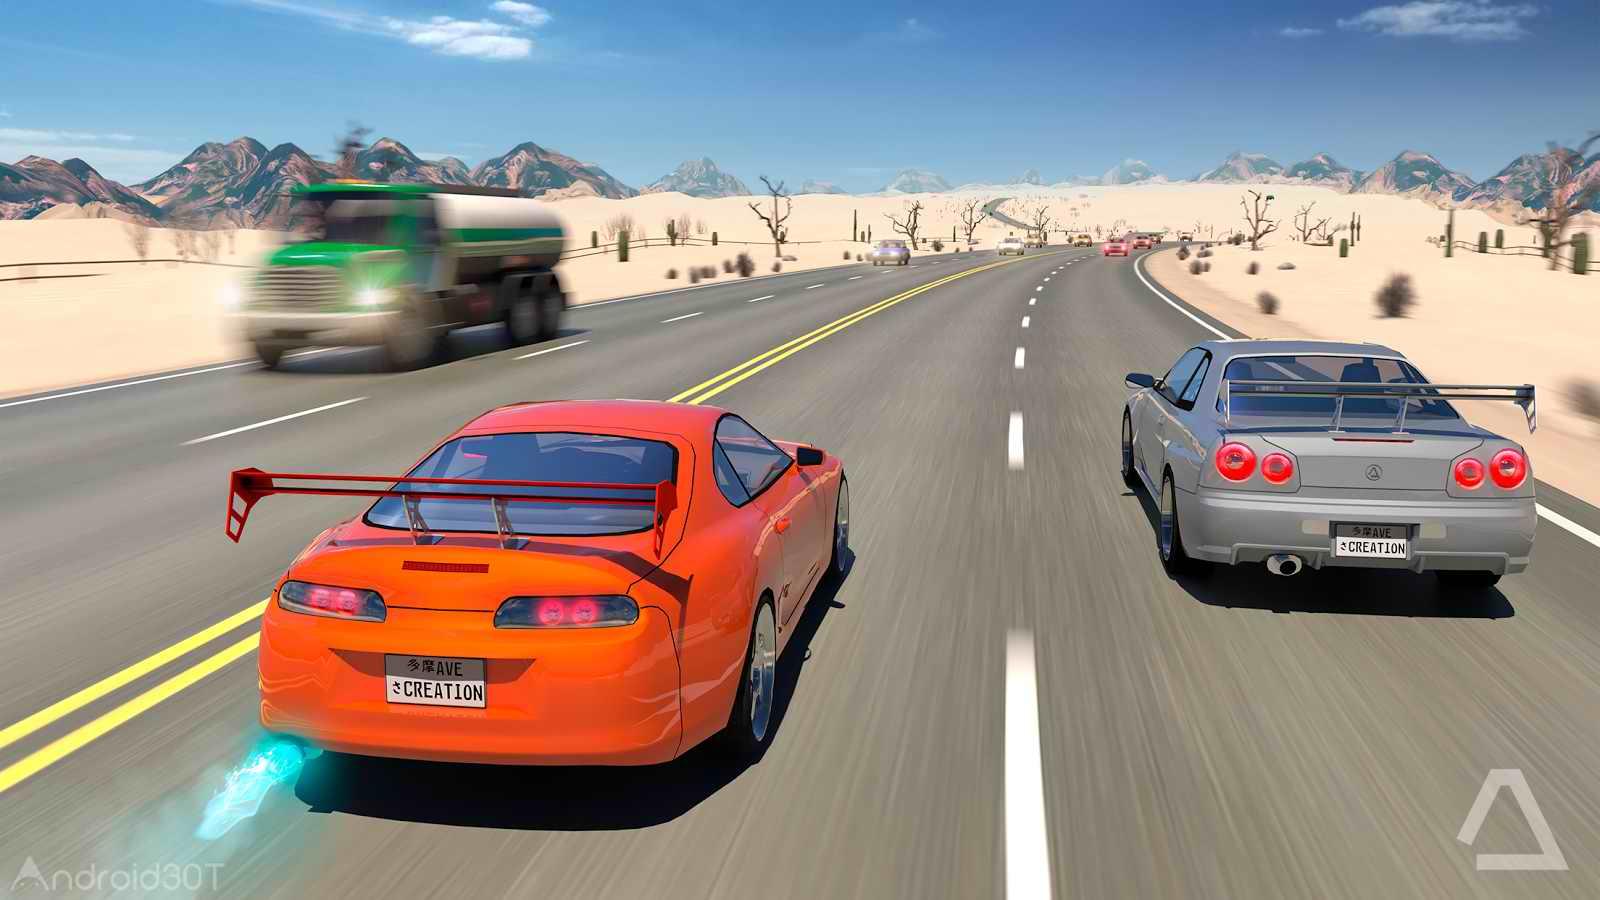 دانلود Driving Zone 2 v0.8.7.5 – بازی منطقه رانندگی 2 اندروید